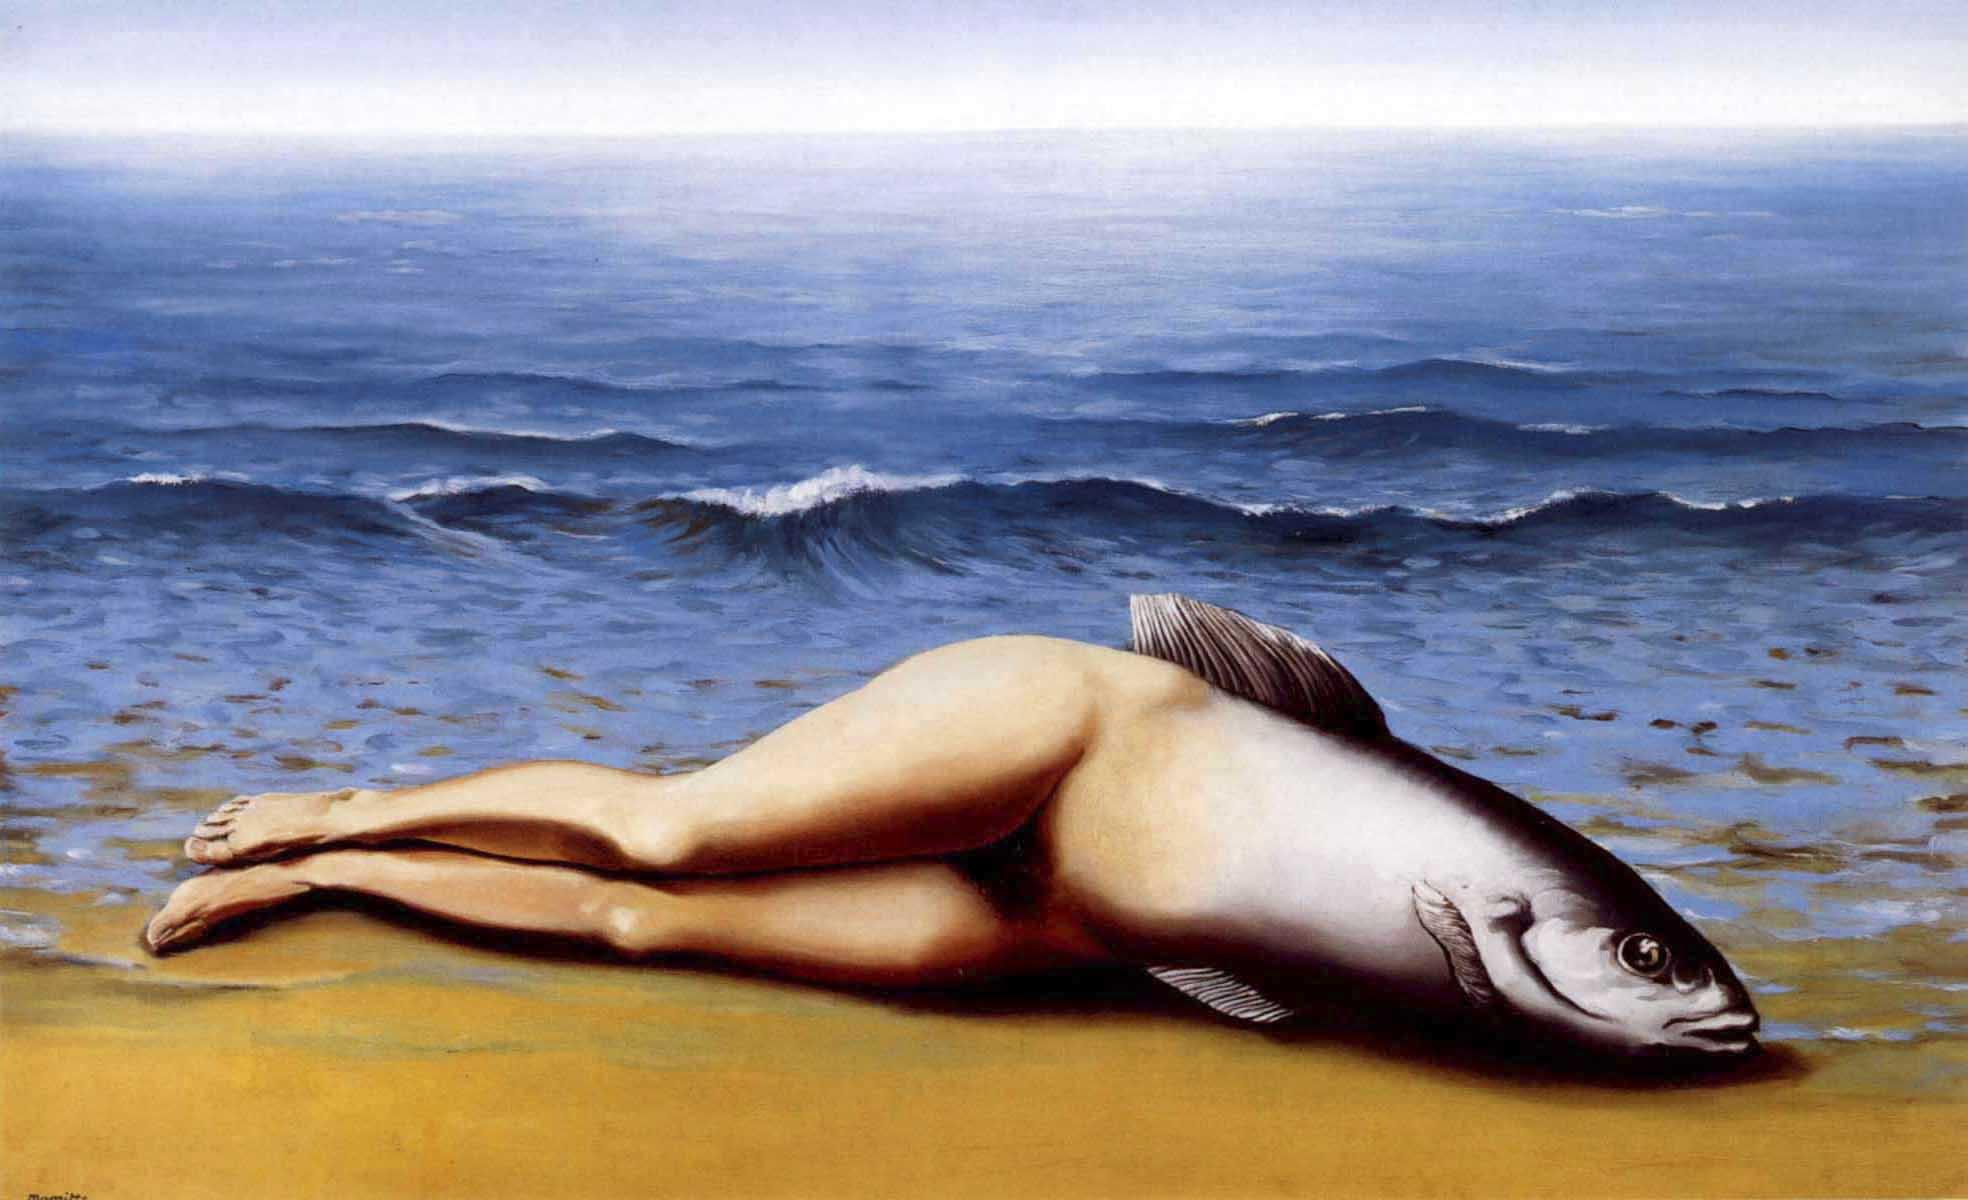 L'Invention collective (Коллективное изобретение), картина Рене Магритта, художника сюрреалиста